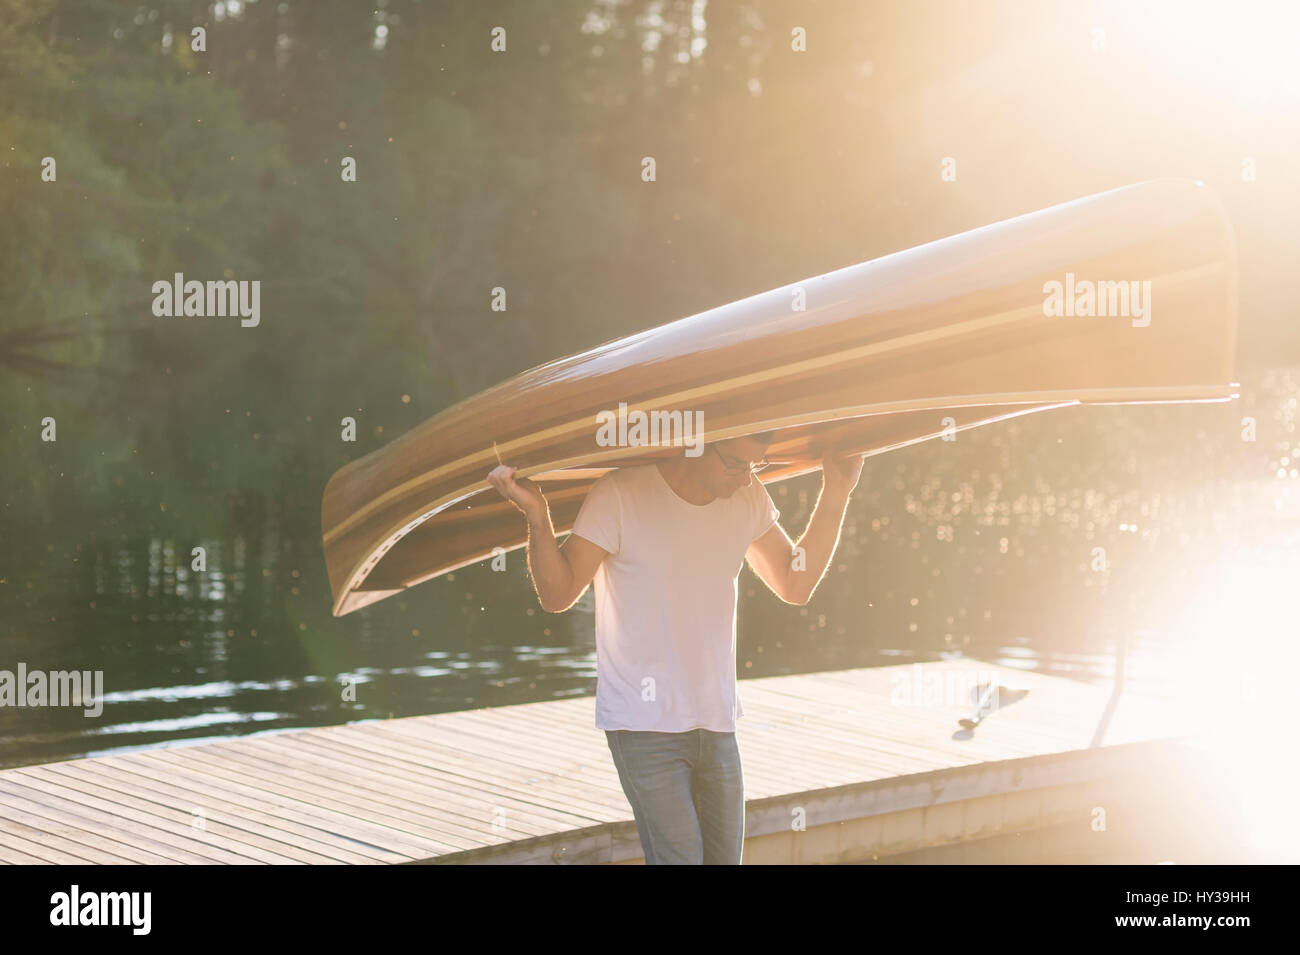 La Suède, vastmanland, hallefors, bergslagen, homme portant sur la tête de barques en bois Photo Stock